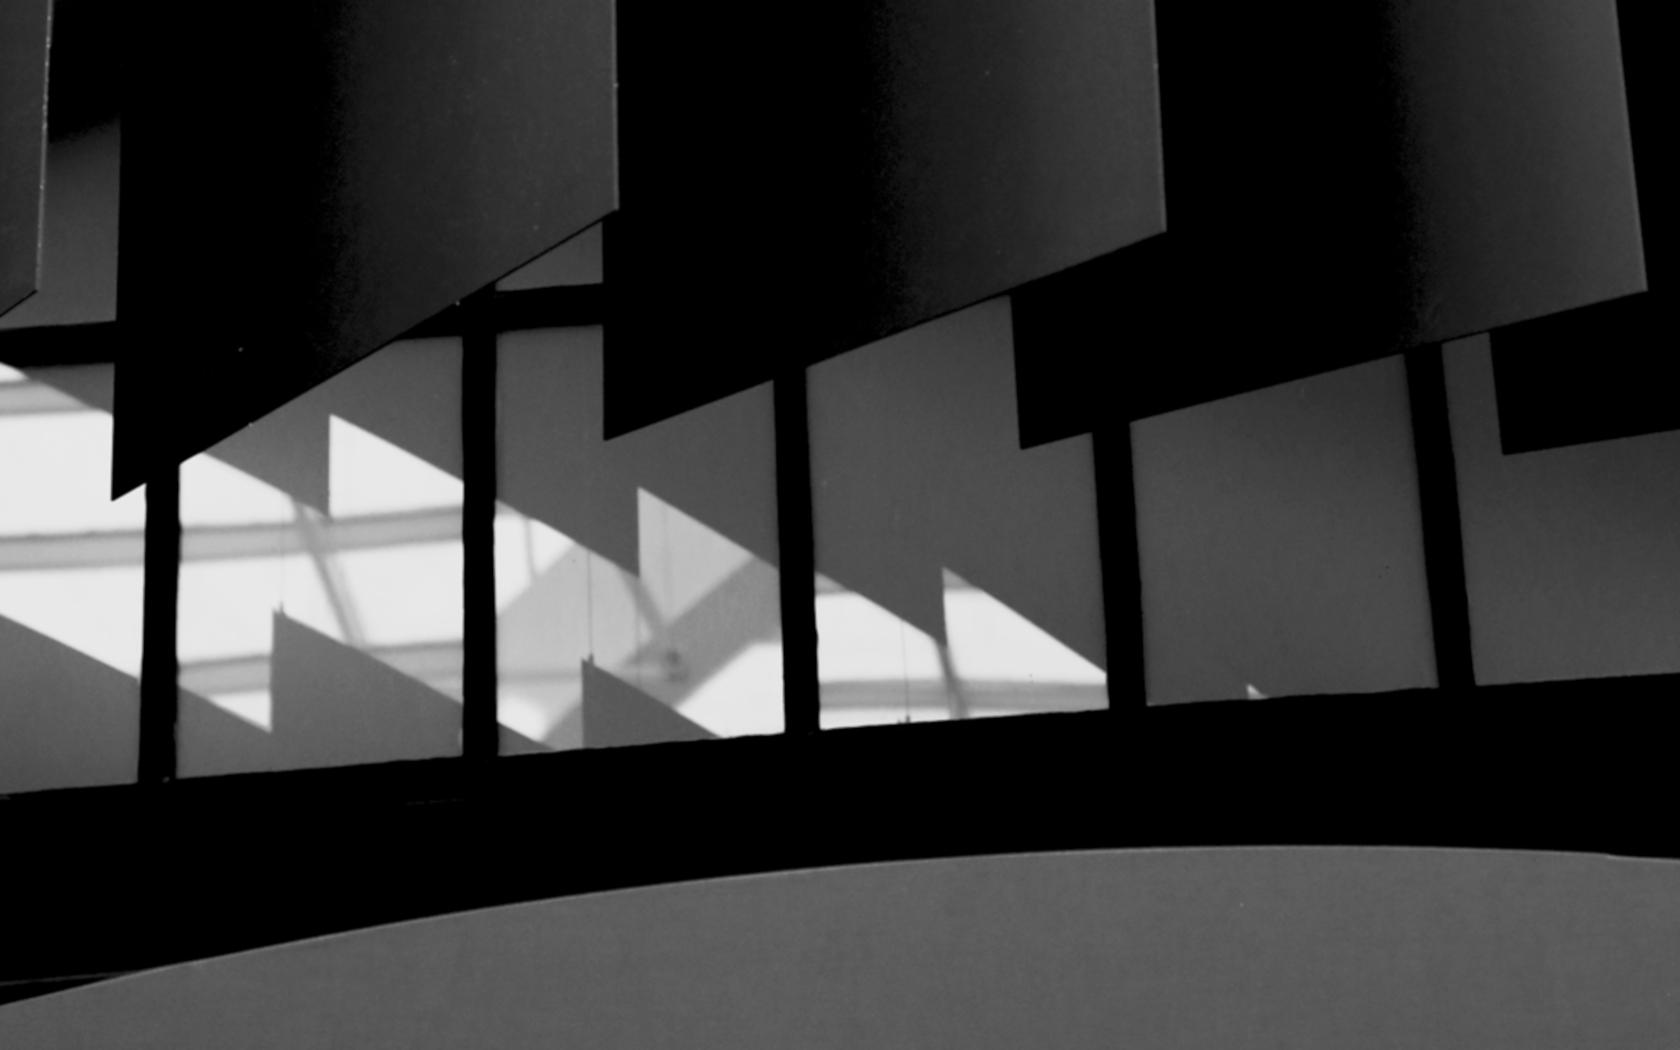 Szenographie, Bühnenbild, Jüdisches Museum Berlin 2018, lamellen rot, Seilabhängung, Glashaus Berlin, Stagedesign, wellen rot, Boris Banozic, keinStil.